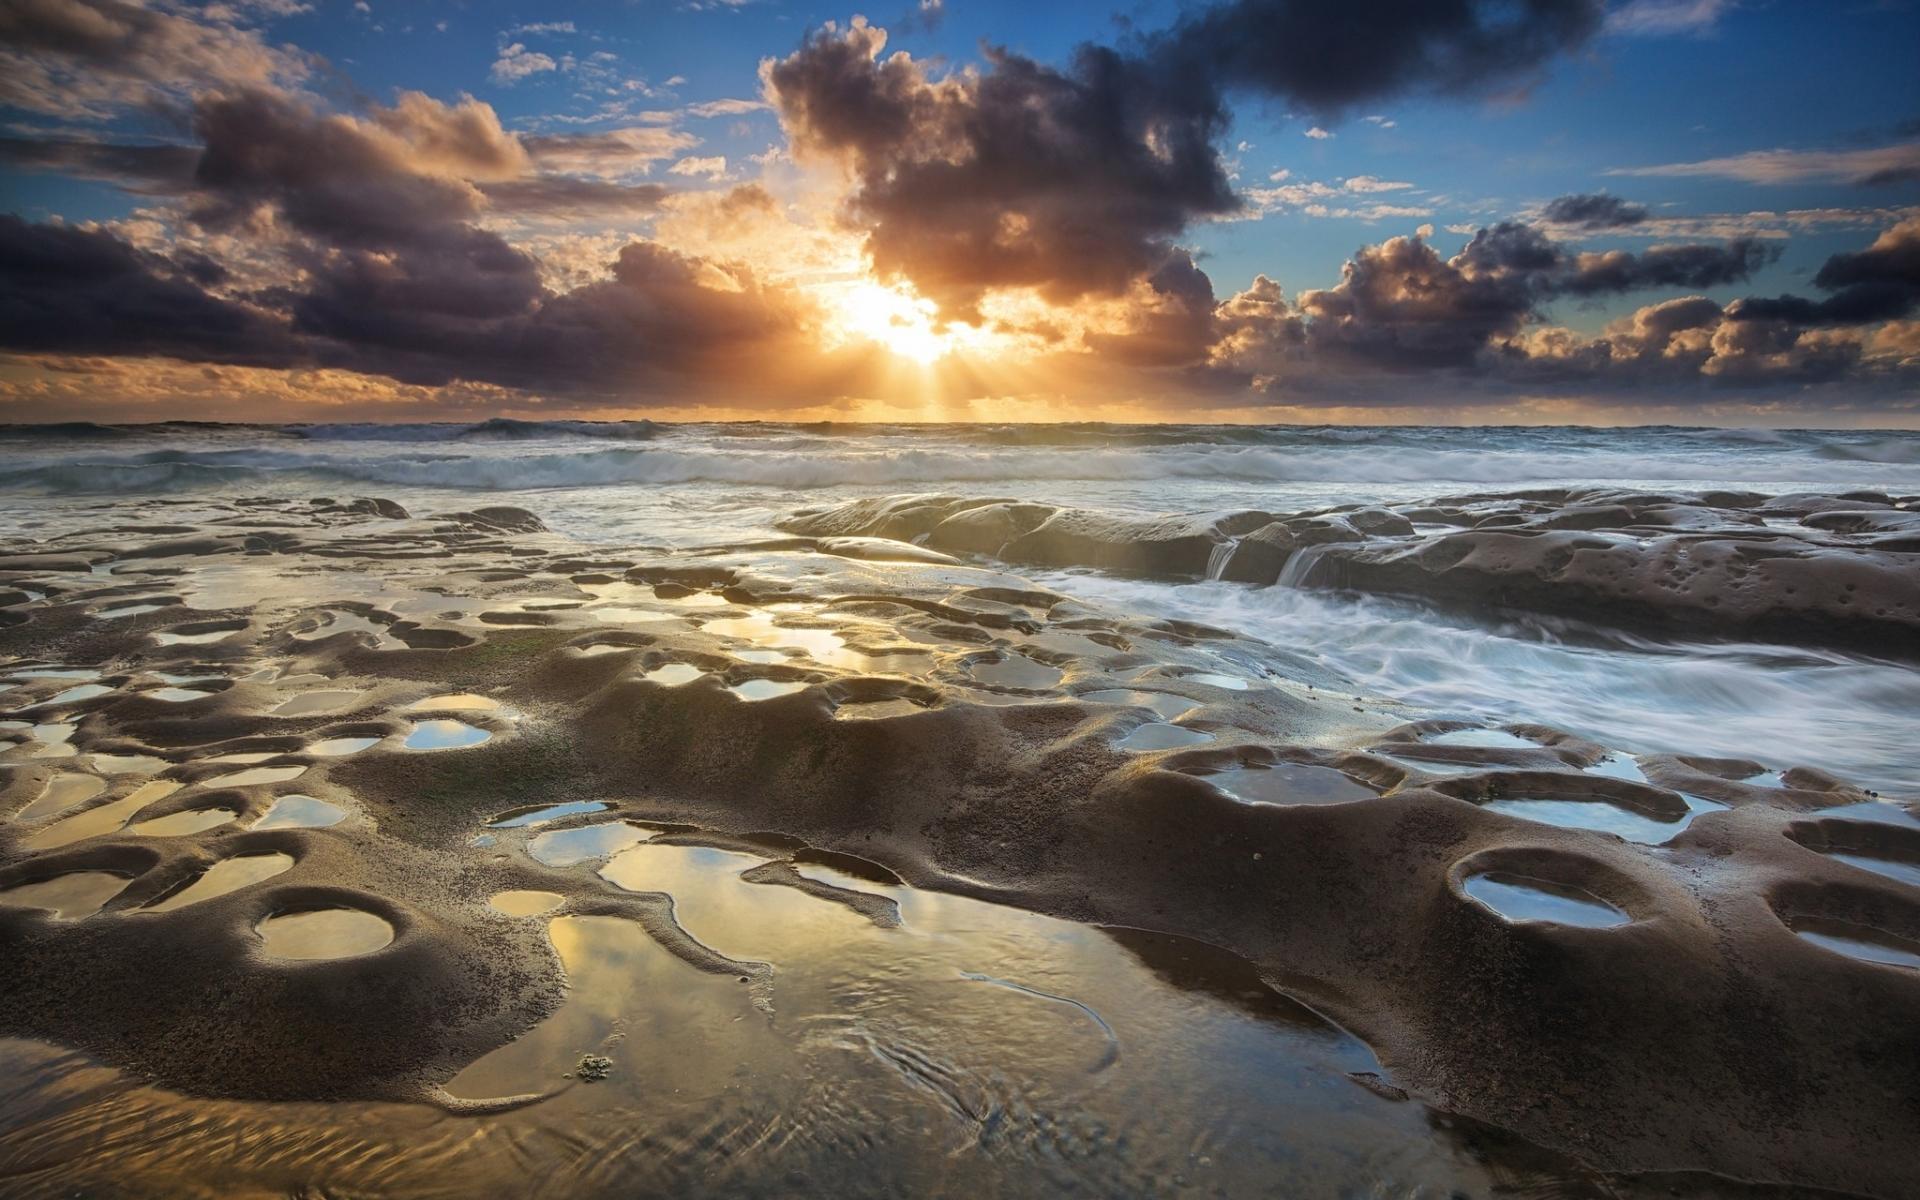 46043 скачать обои Пейзаж, Природа, Закат, Море - заставки и картинки бесплатно